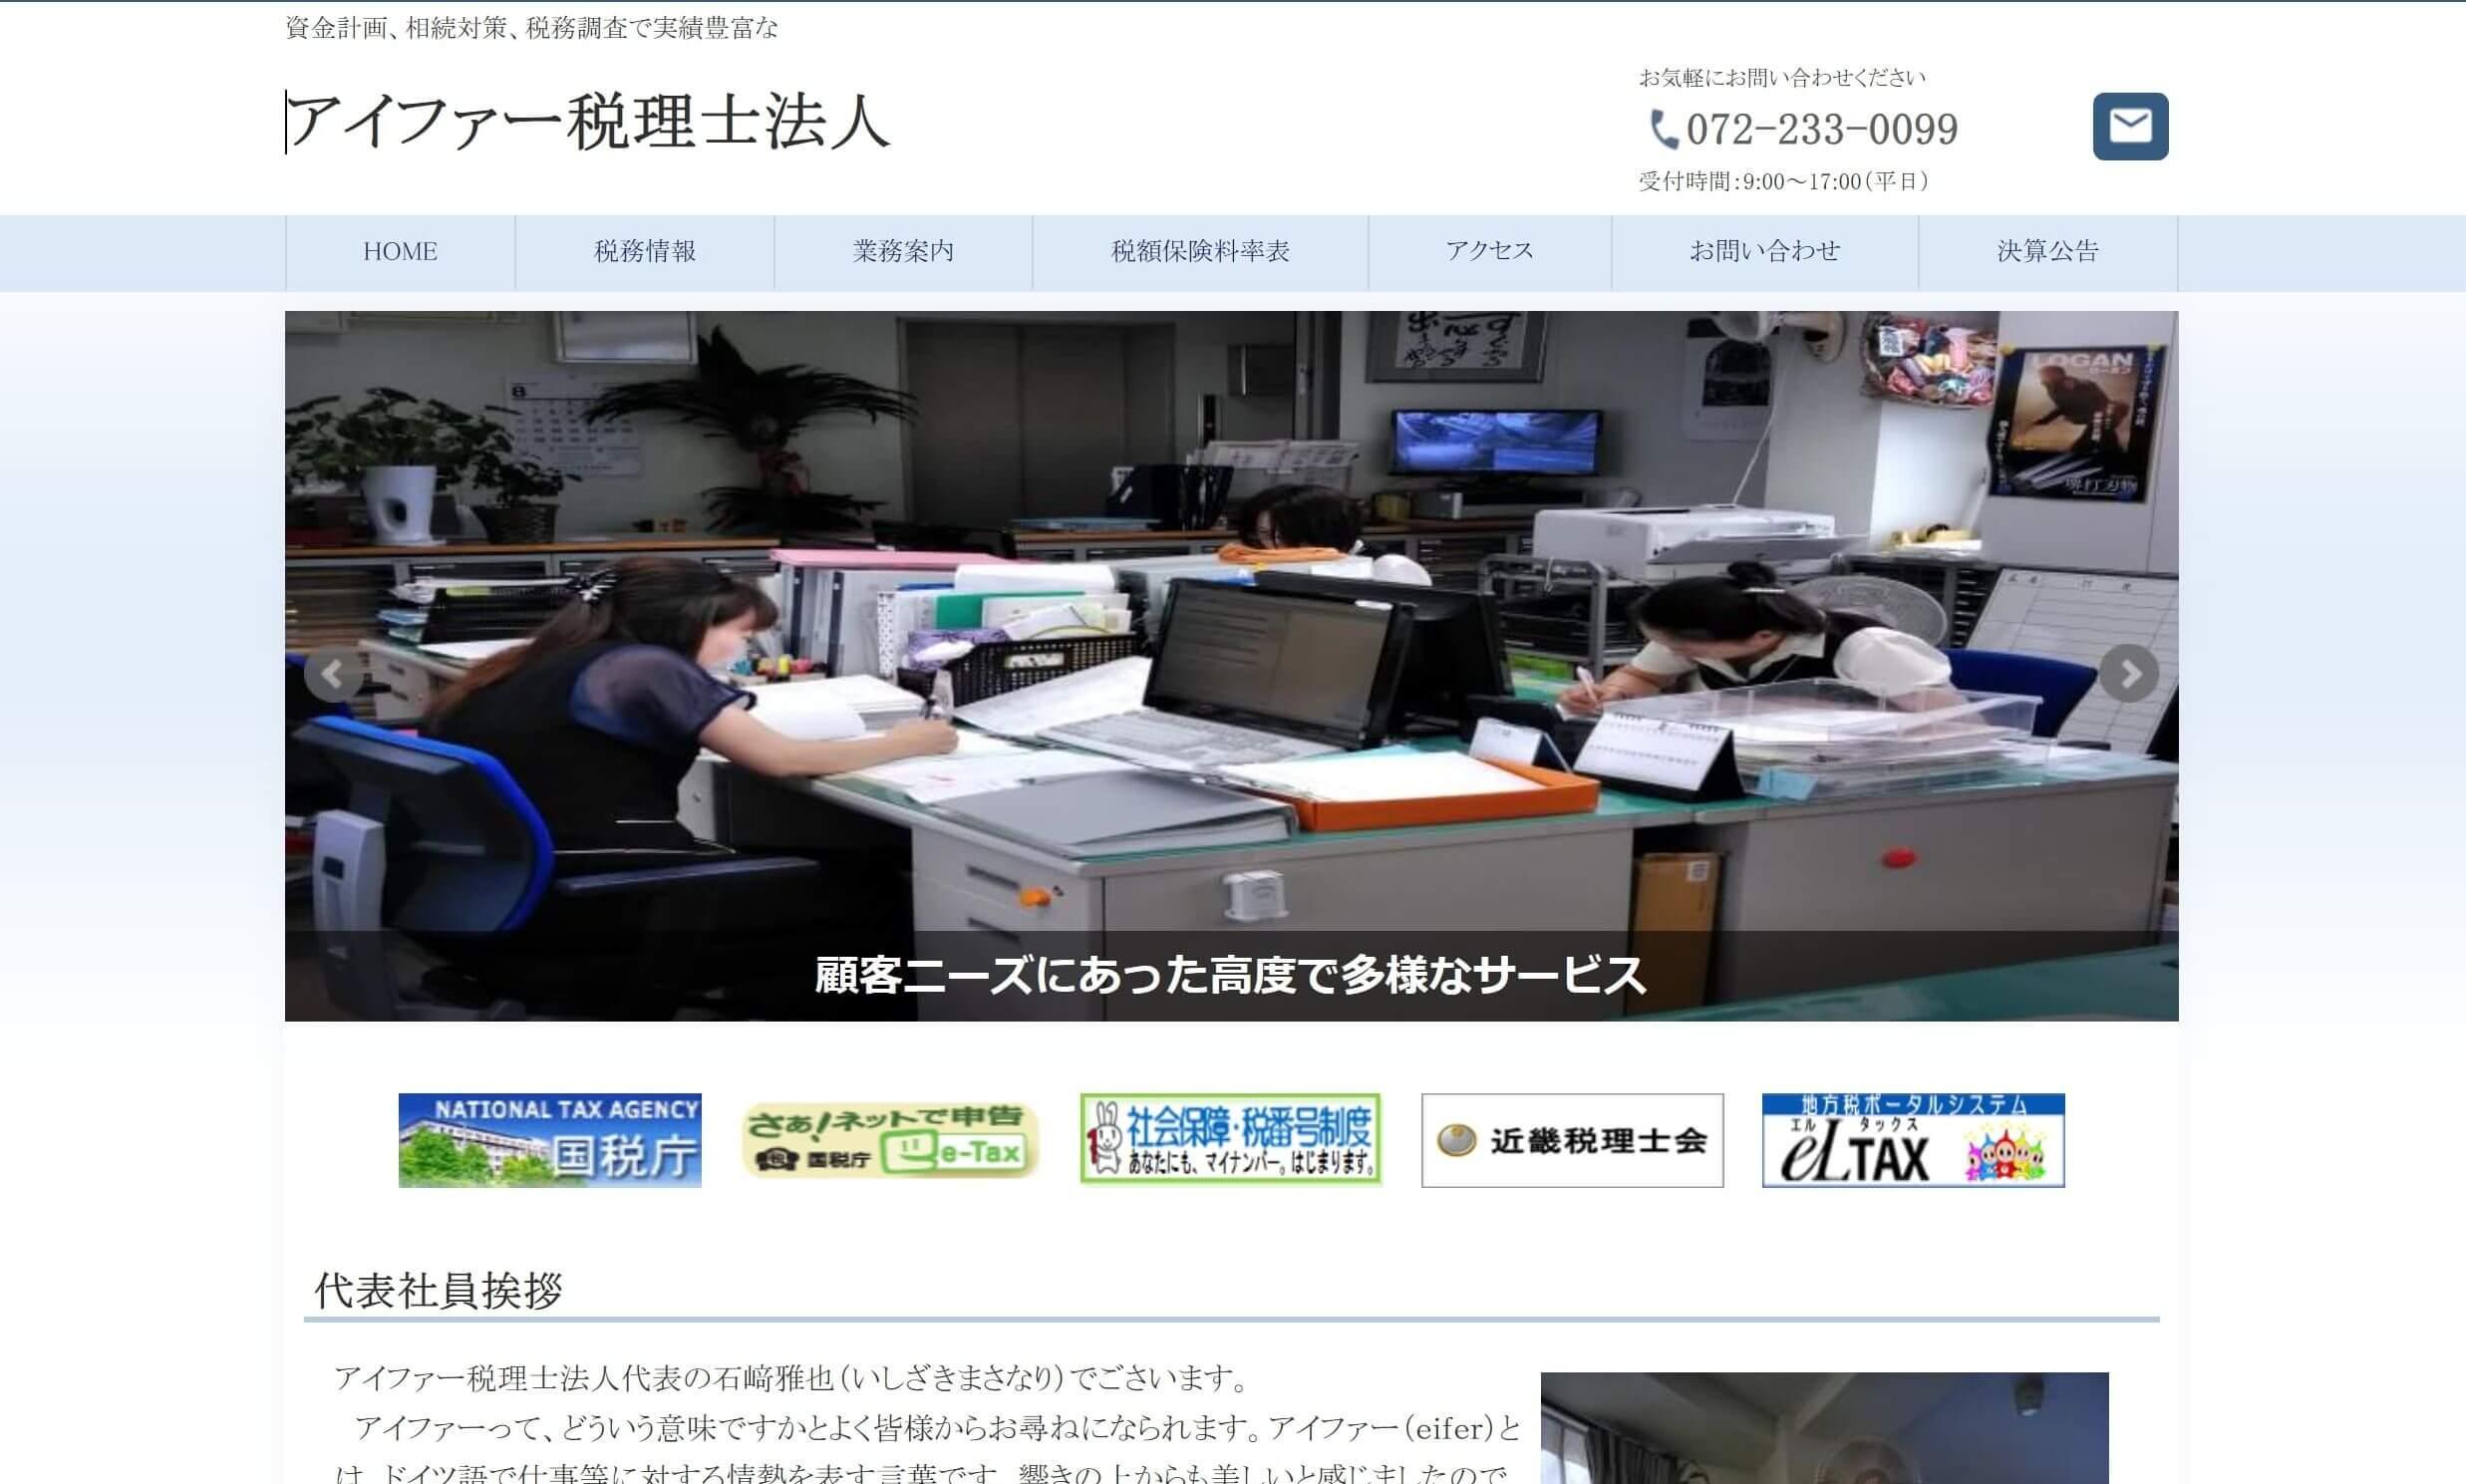 永田税理士事務所